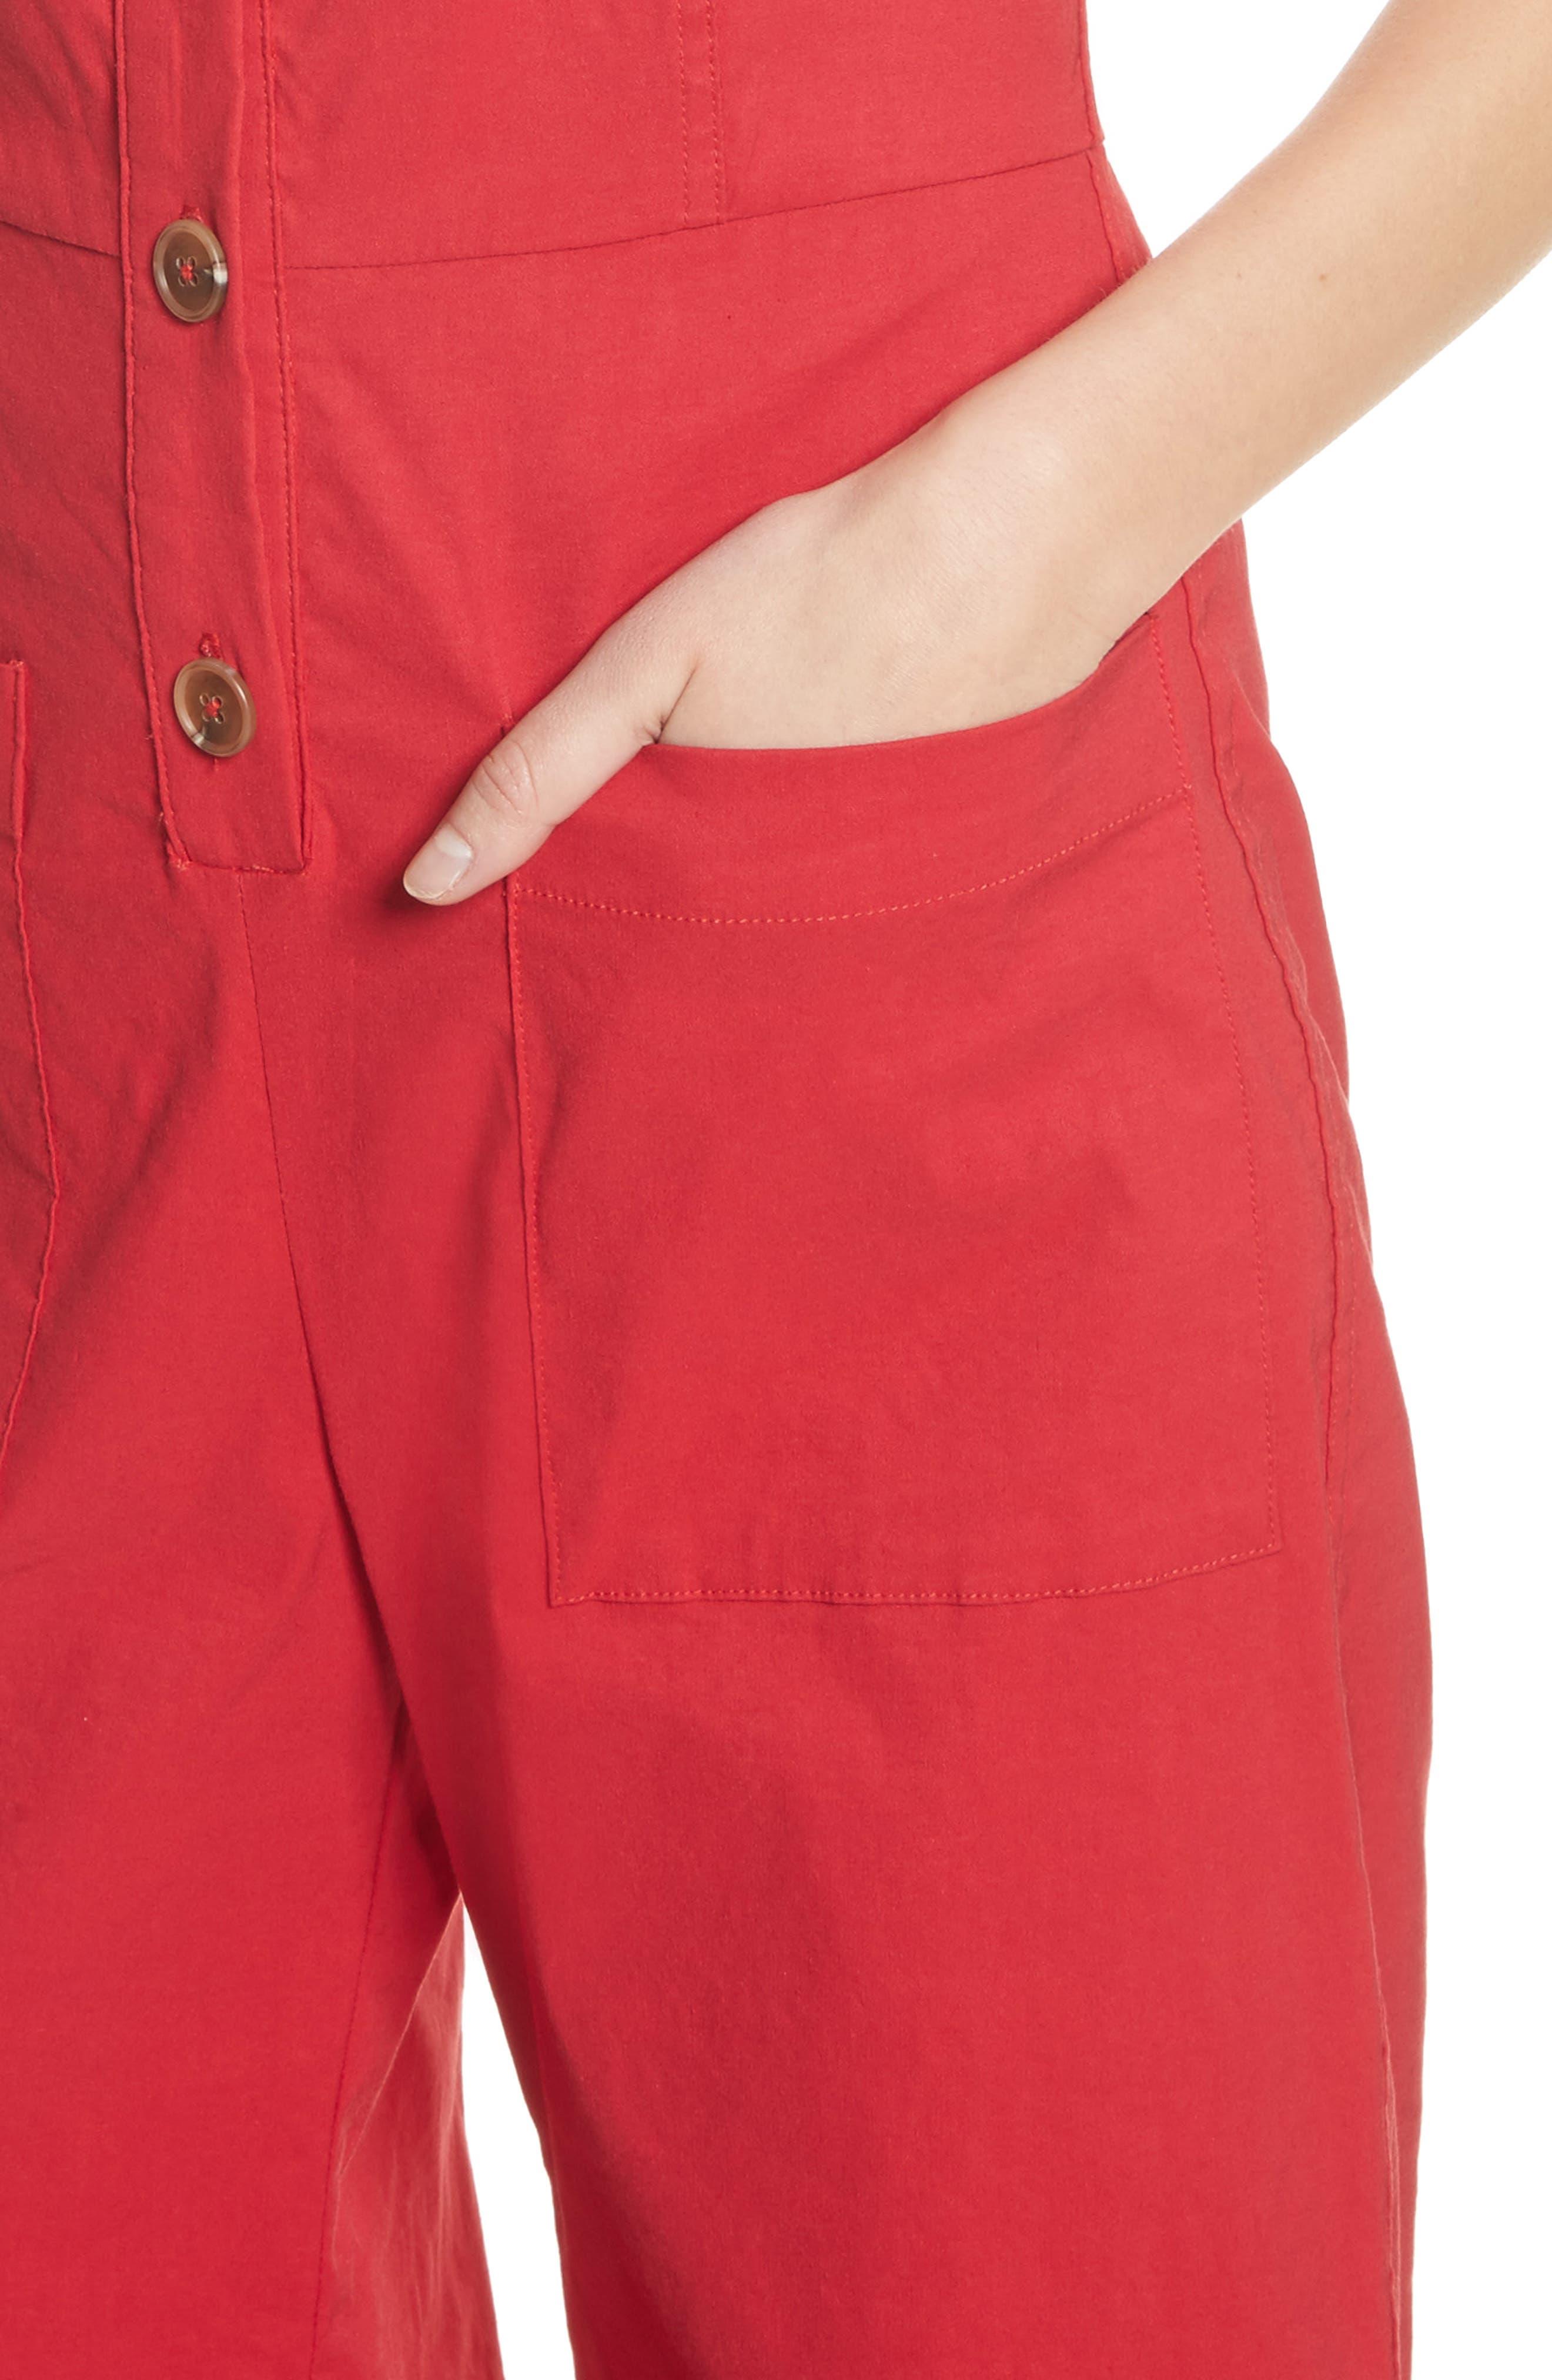 Callie Ruffle Strap Jumpsuit,                             Alternate thumbnail 4, color,                             600